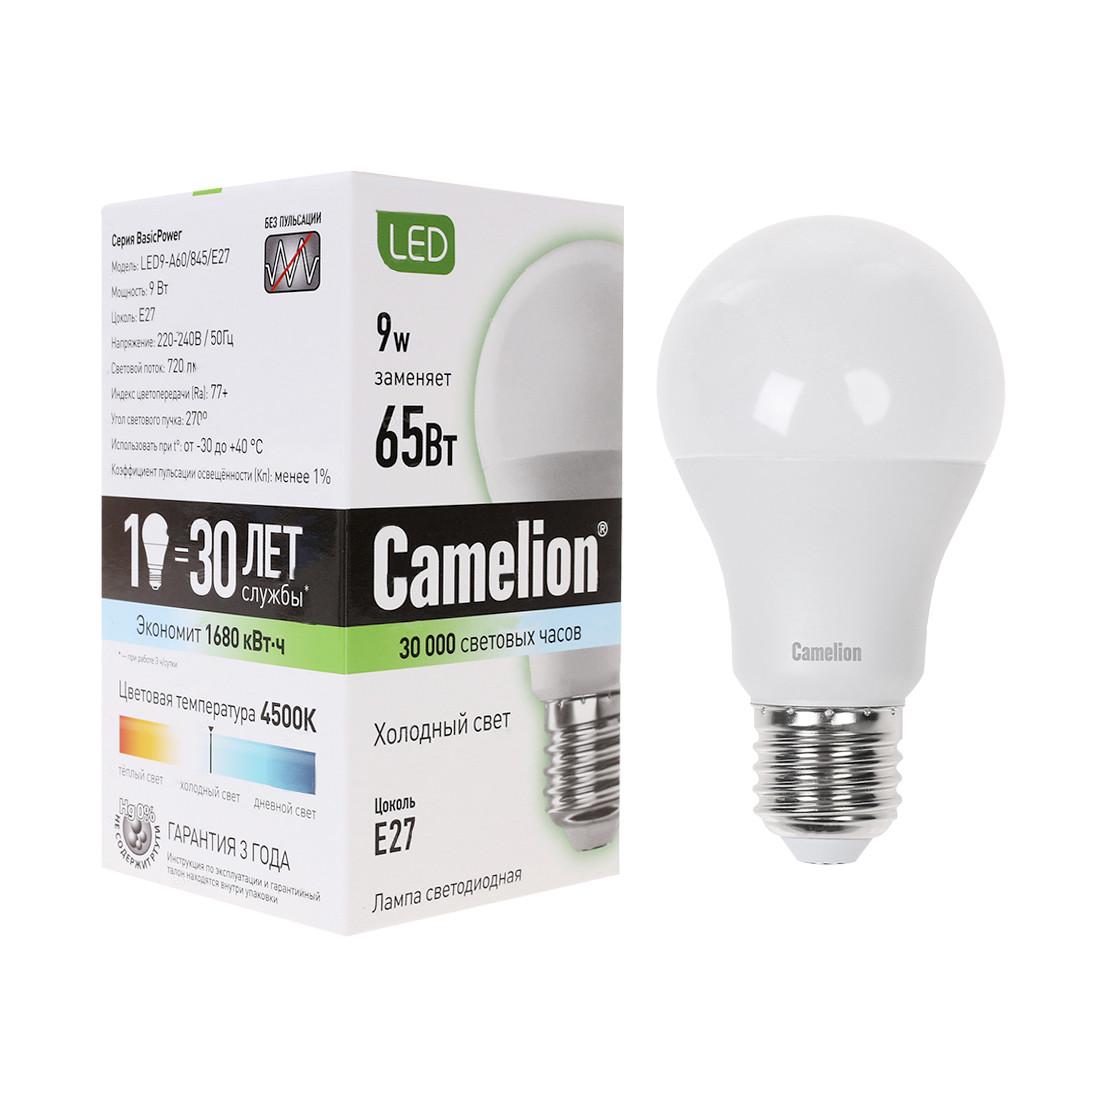 Лампа светодиодная Camelion А60/4500К/E27/9Вт, Холодный